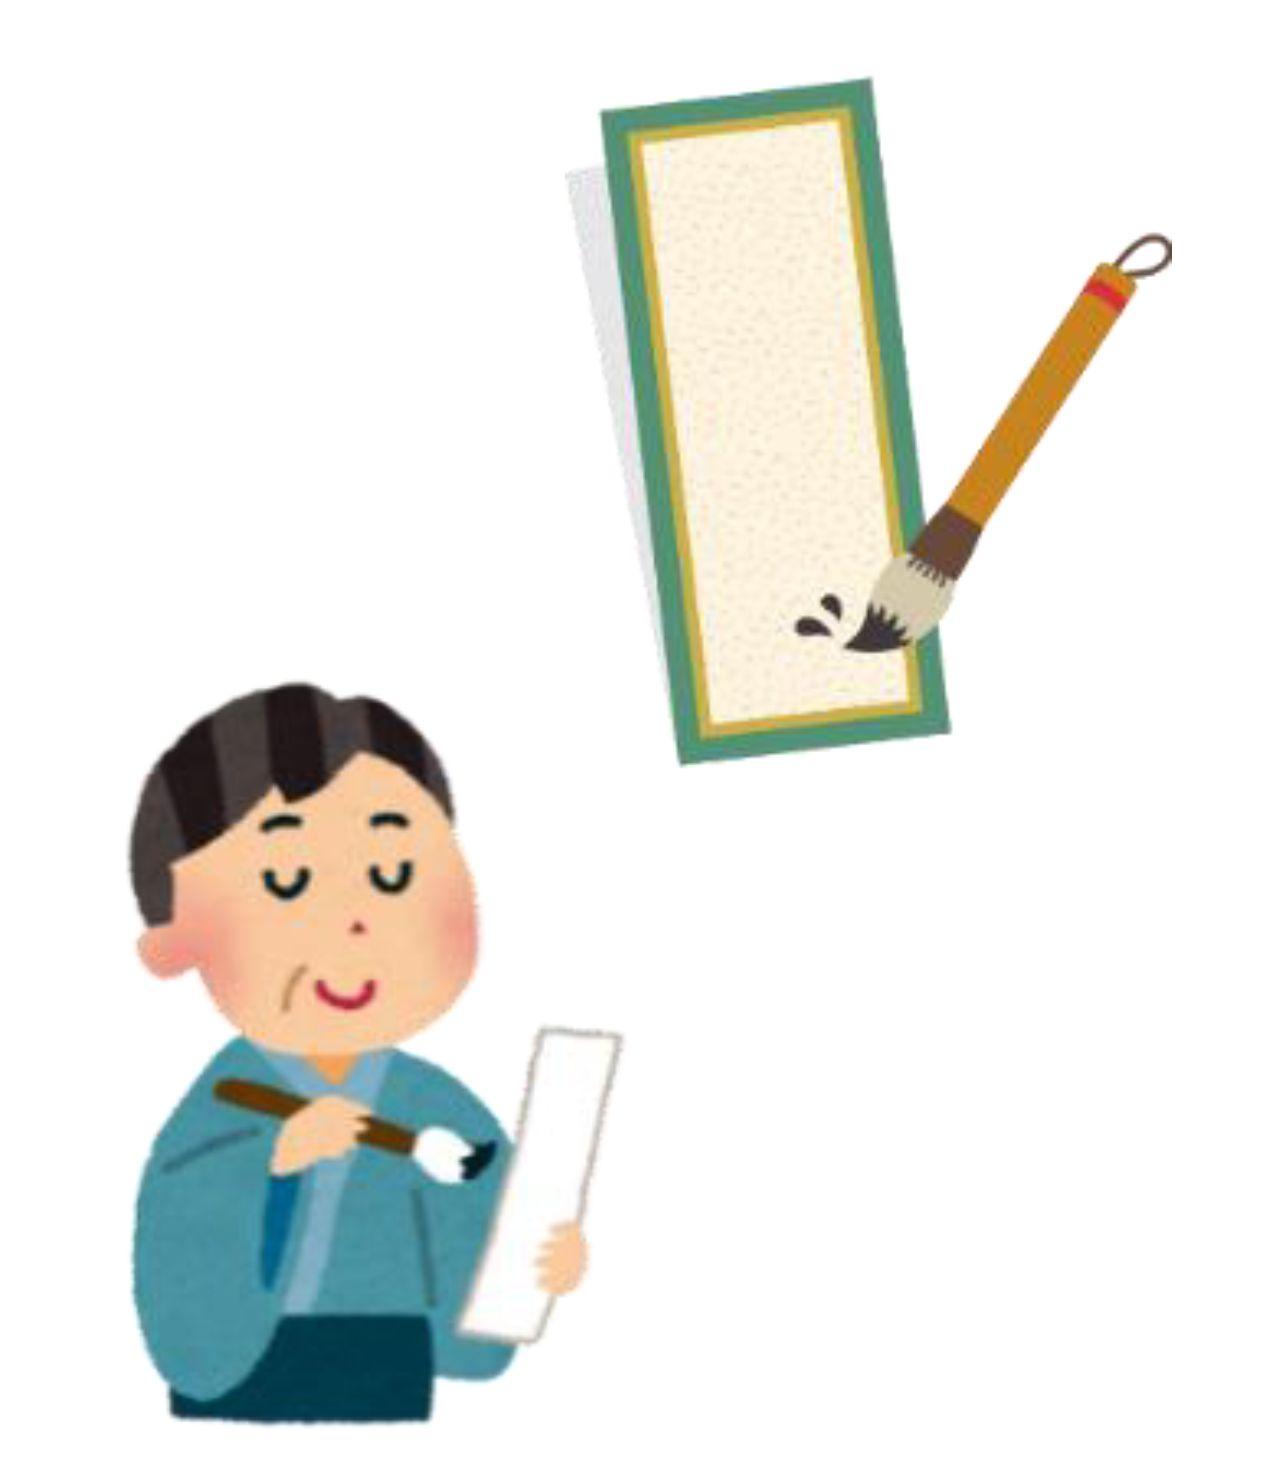 メガネや補聴器を通して笑顔をお届けしたい アイジャパン、第2回「聴こえの川柳コンテスト」グランプリ決定!応募総数841作品から入賞作品を発表